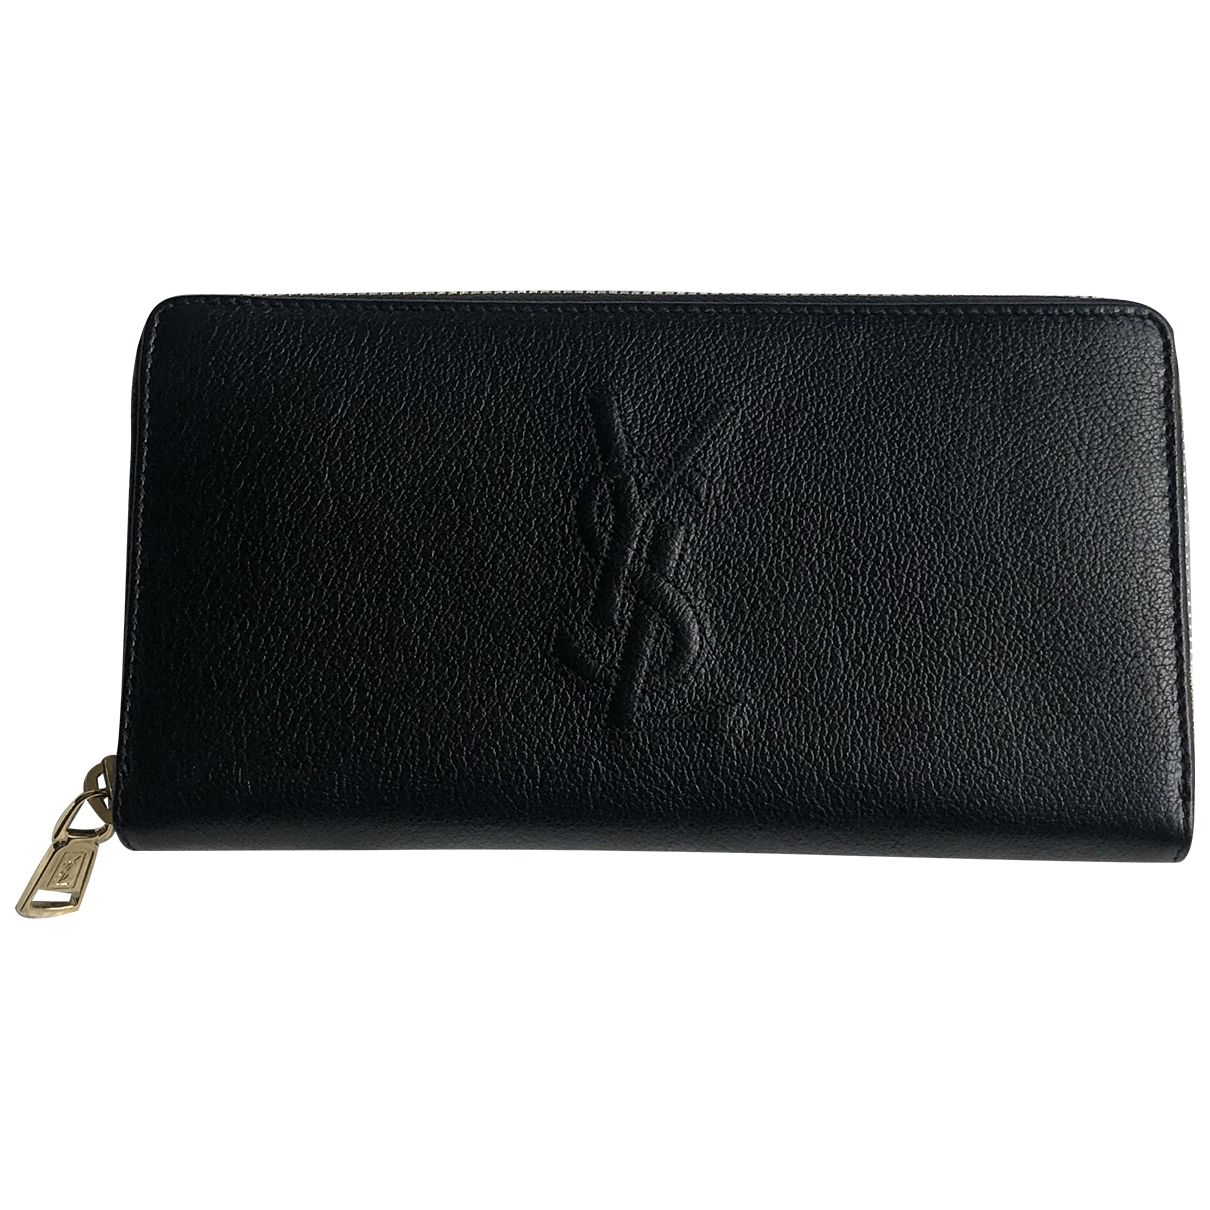 Yves Saint Laurent - Portefeuille Belle de Jour pour femme en cuir - noir